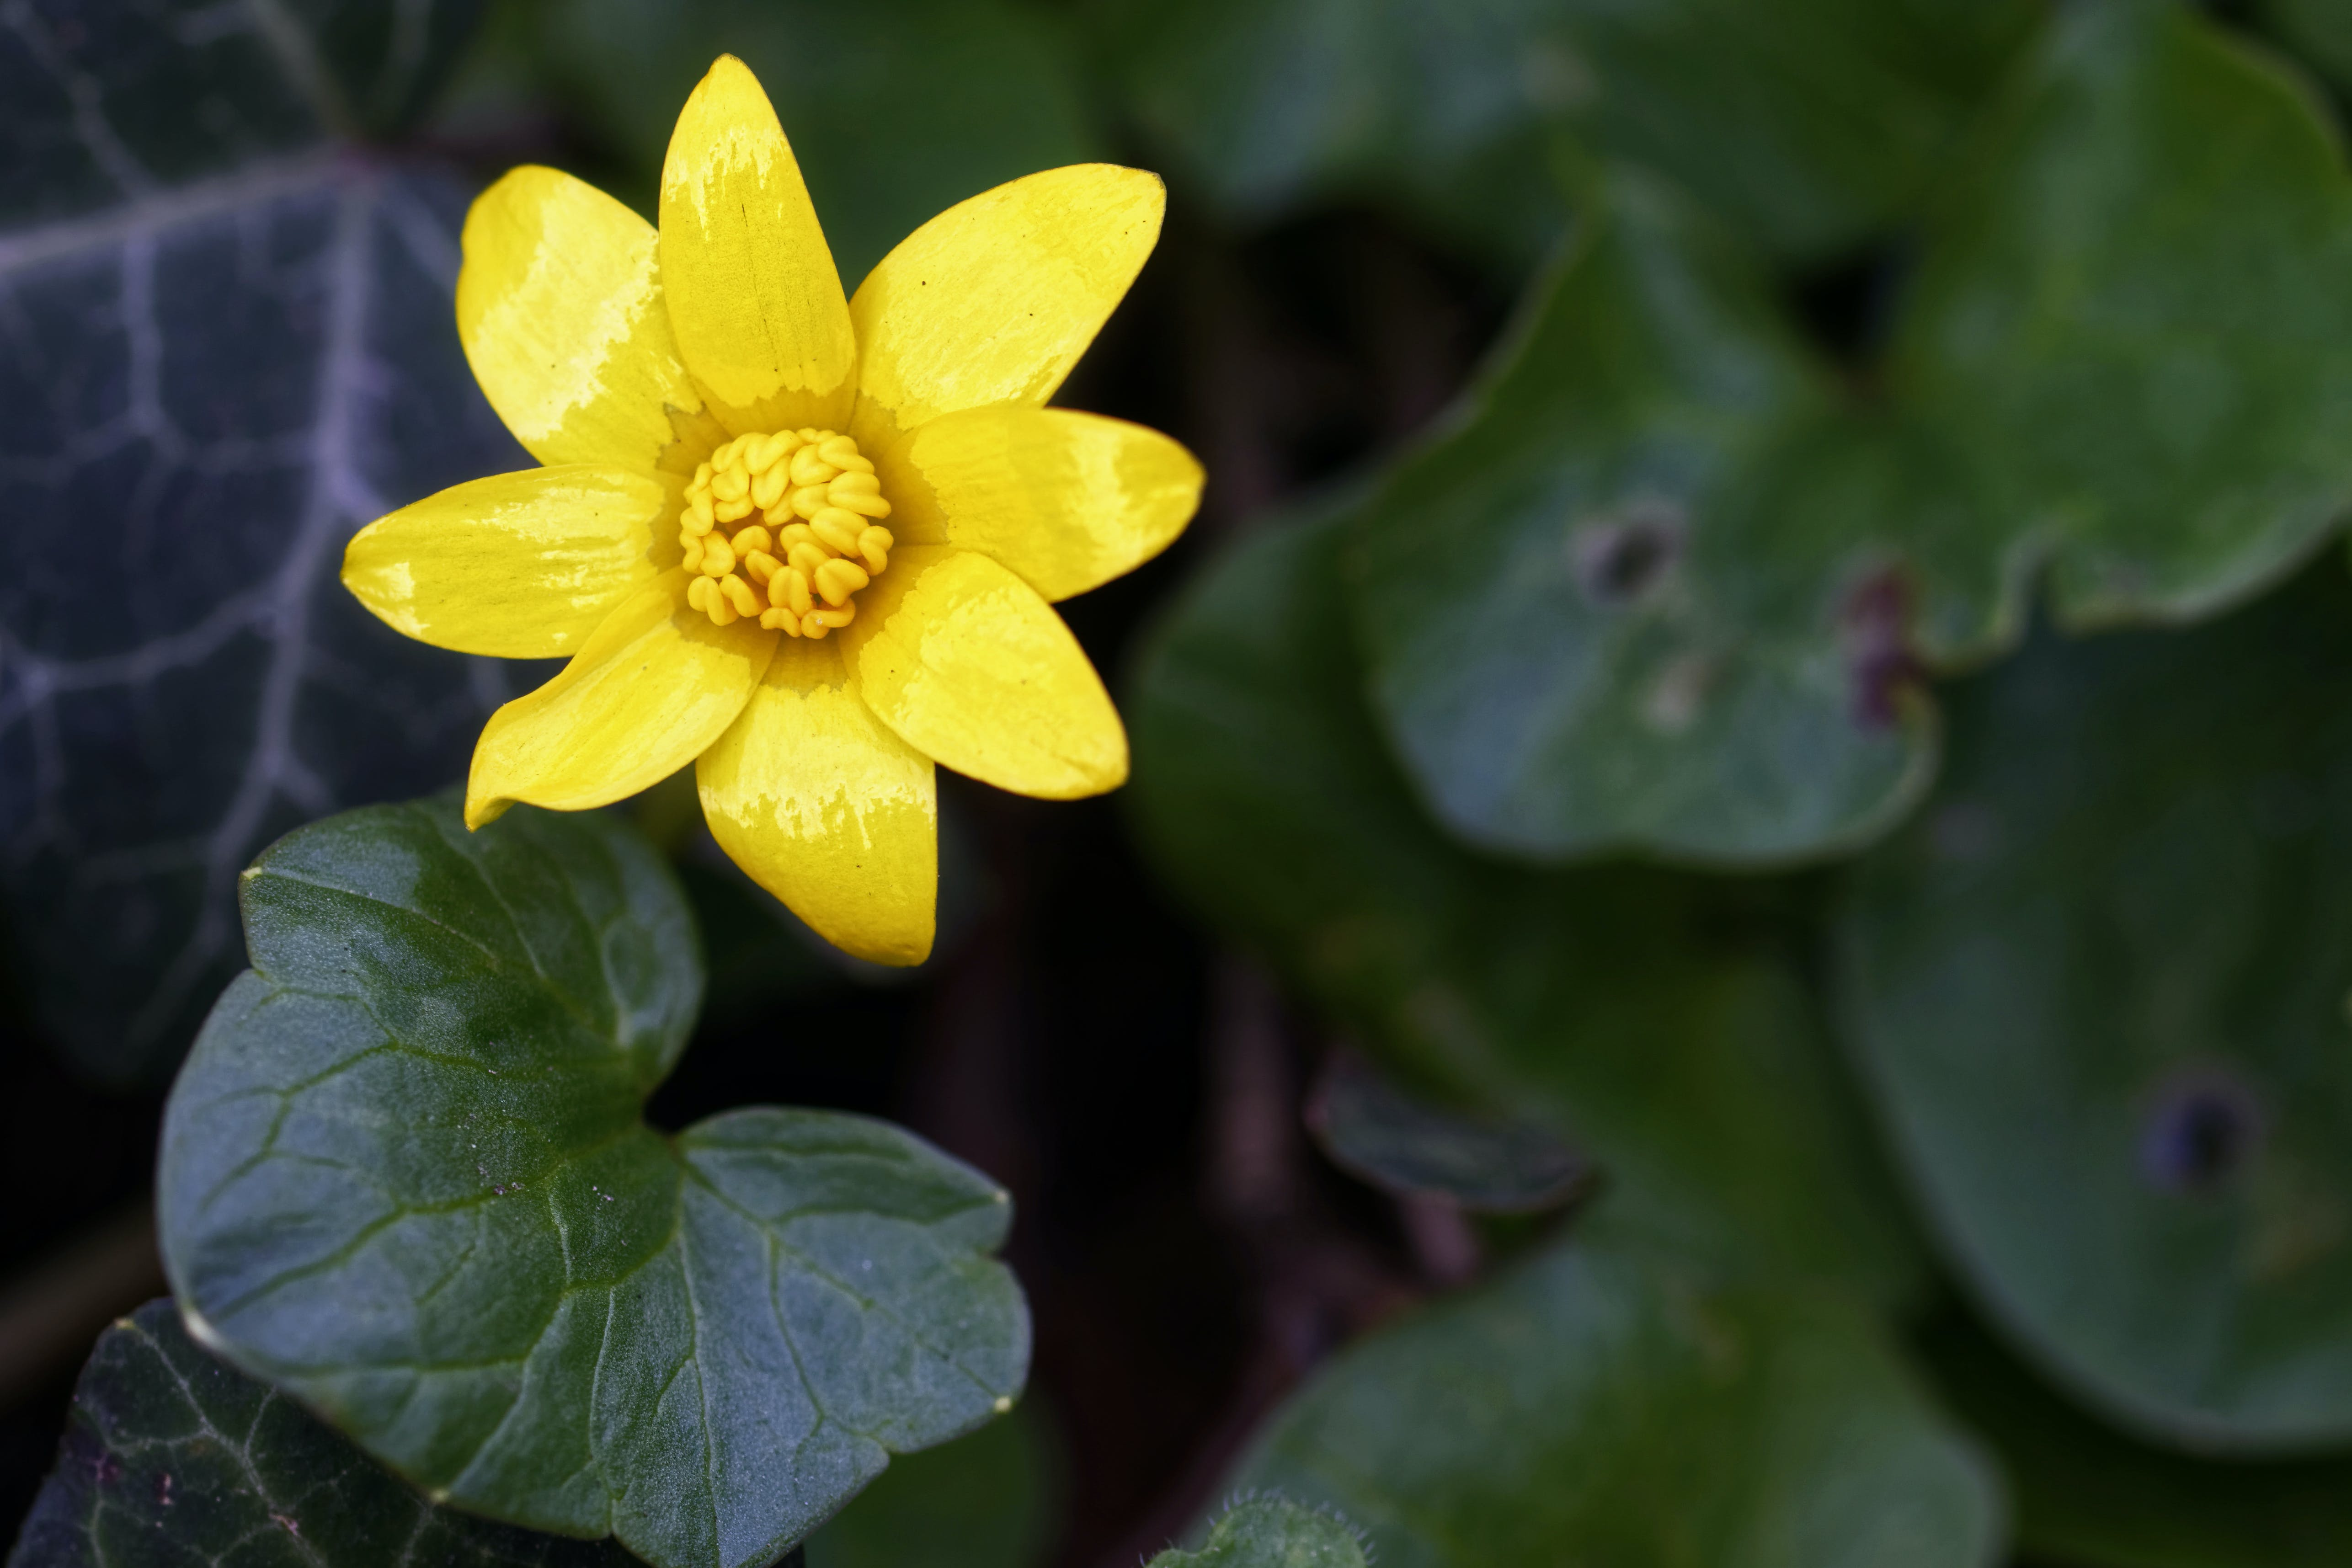 คลังภาพถ่ายฟรี ของ ดอกไม้สีเหลือง, ธรรมชาติ, ฤดูใบไม้ผลิ, โคลสอัป